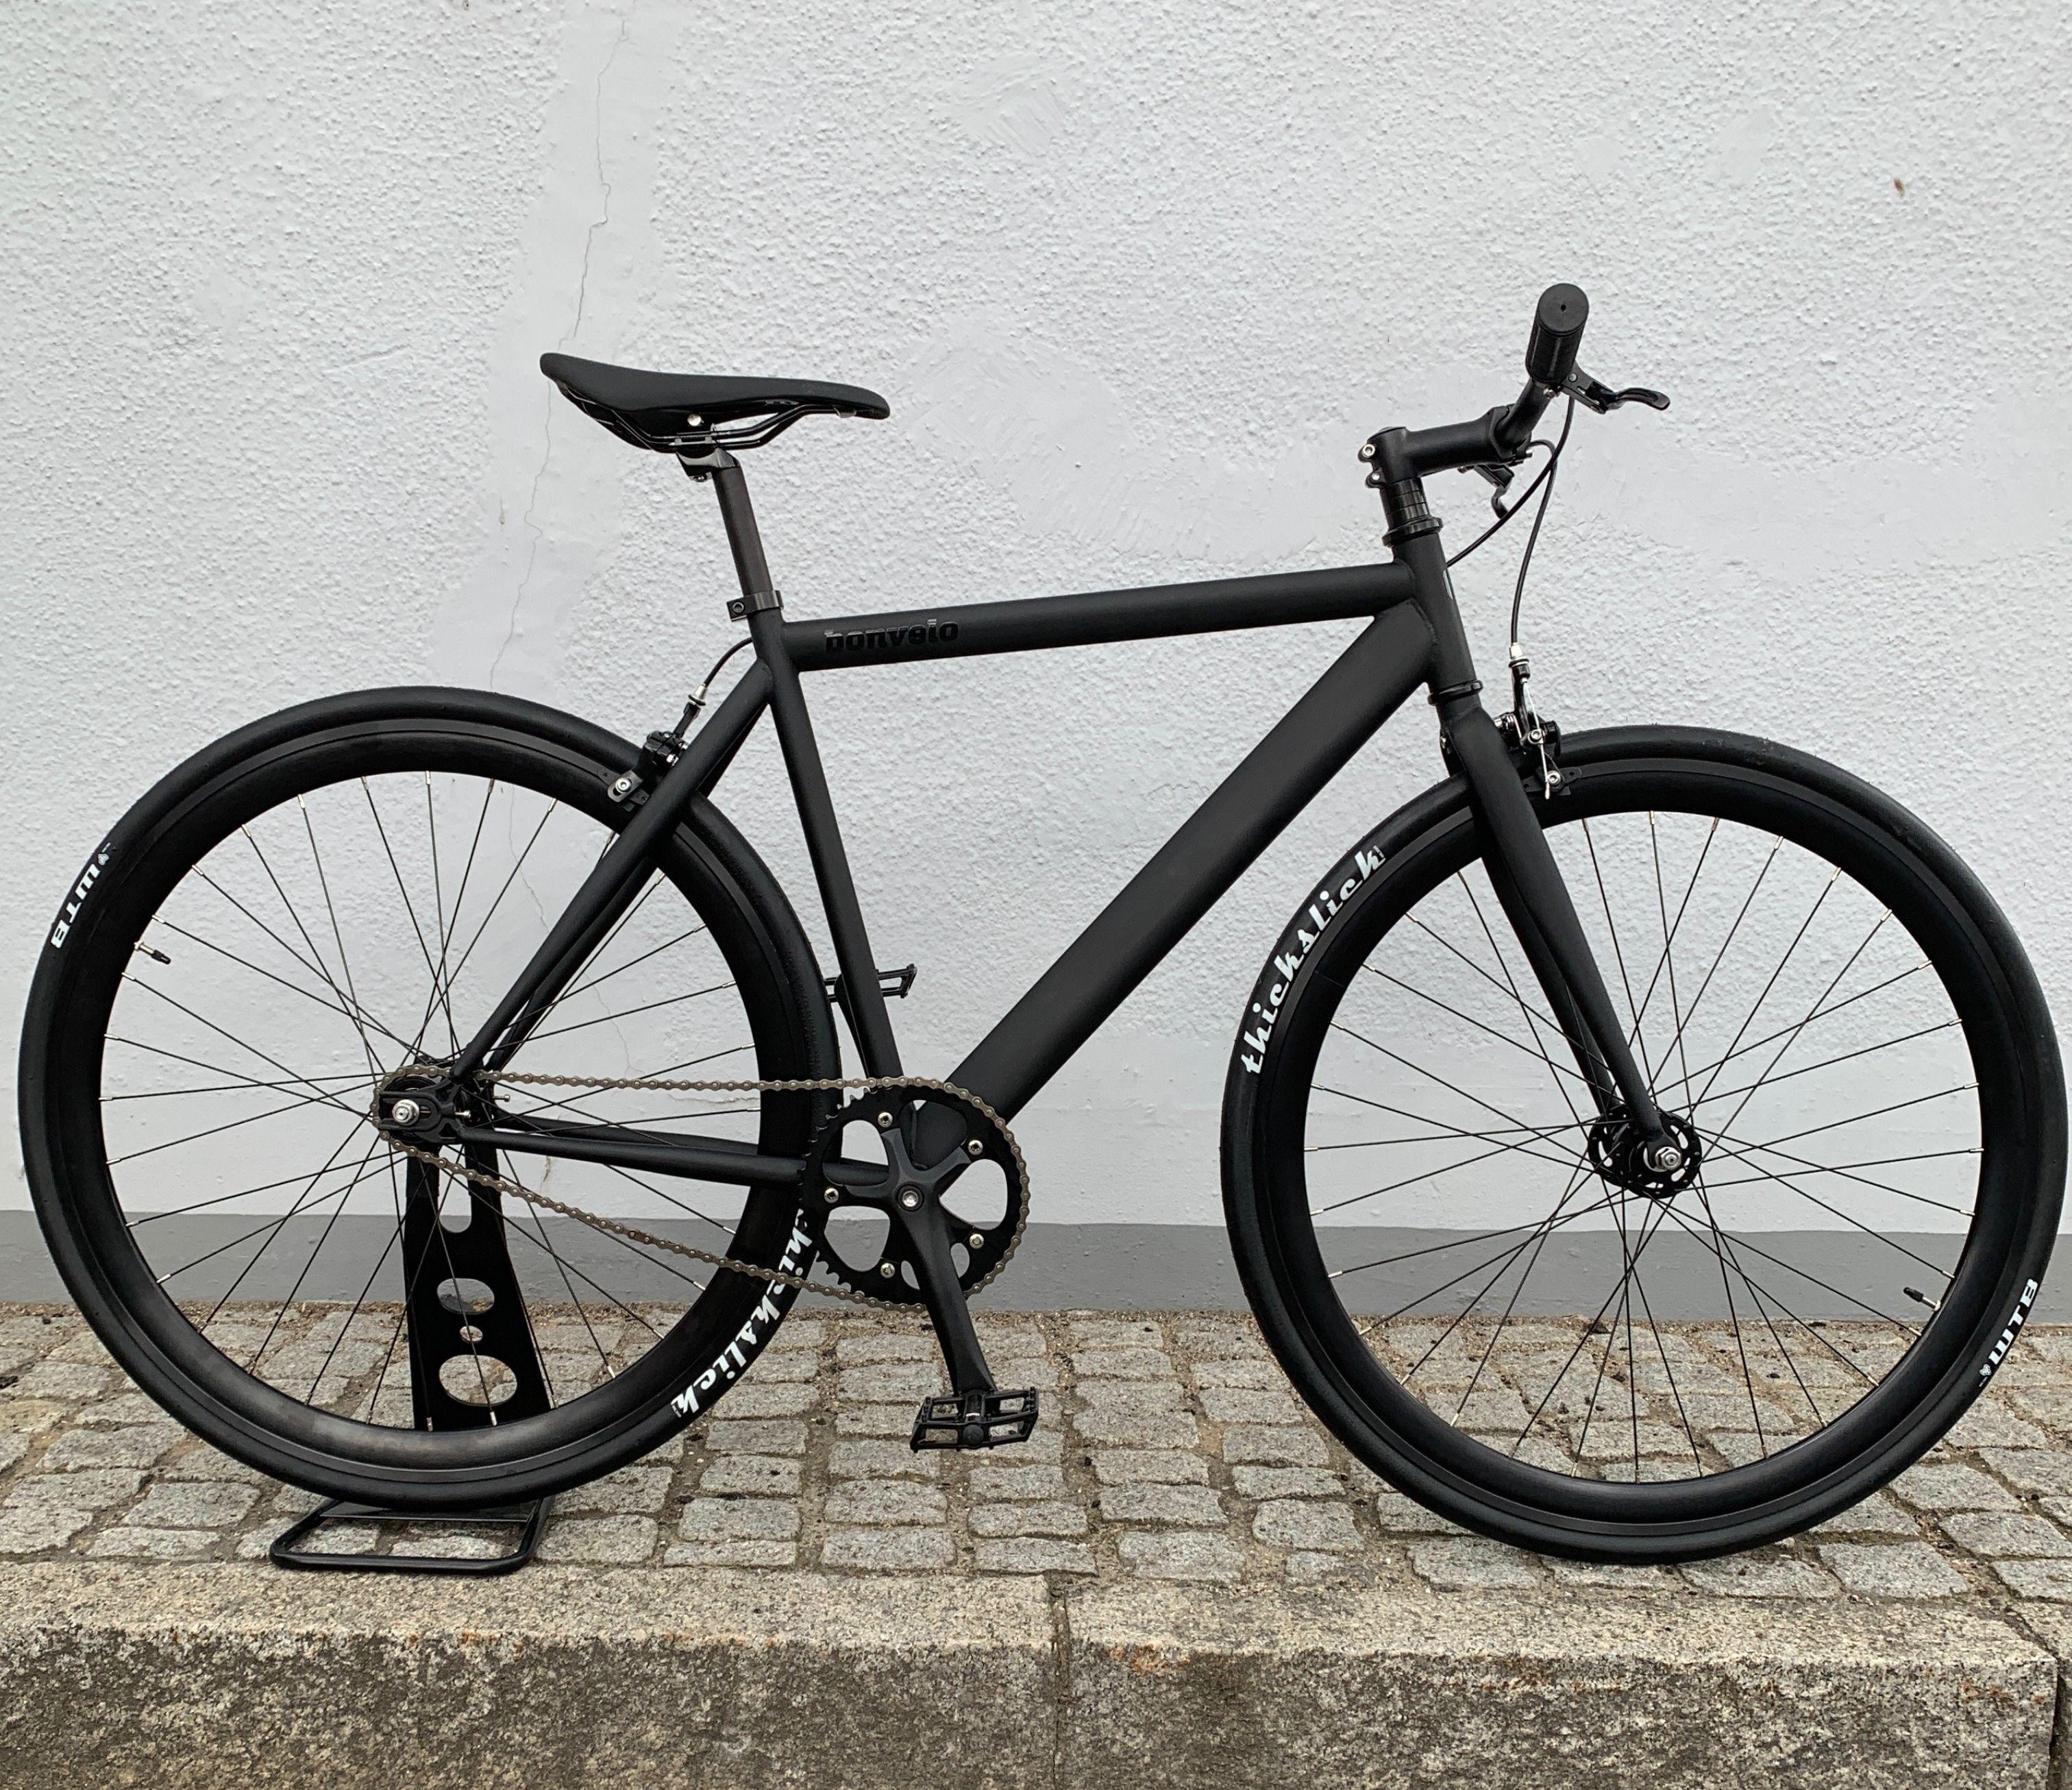 Regelmassig Verkaufen Wir Coole Bikes Aus Unserem Showroom Zu